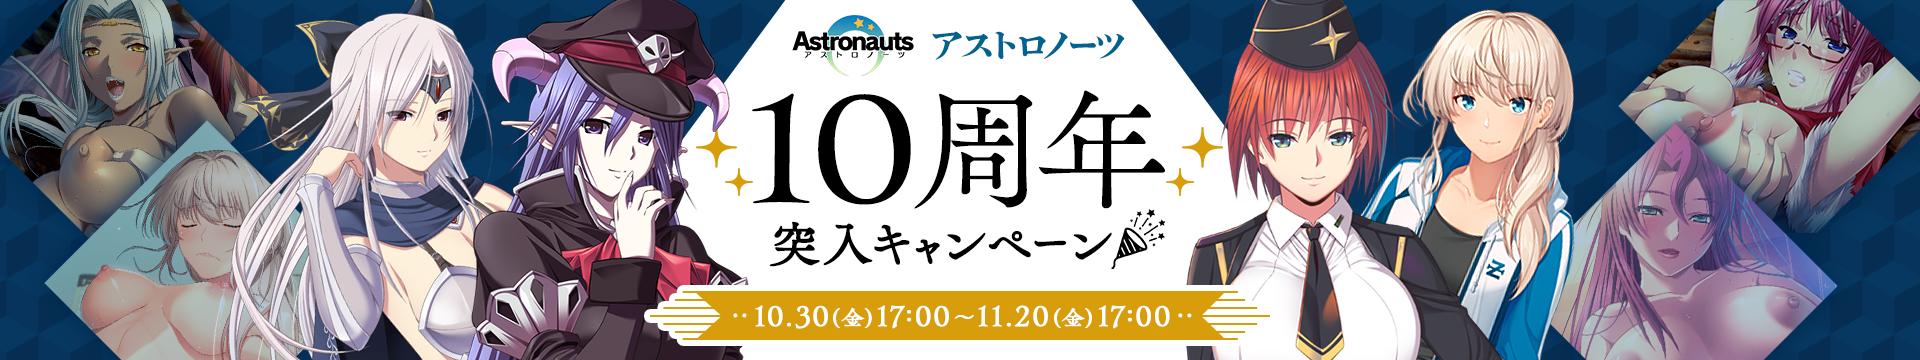 アストロノーツ 10周年突入キャンペーン 10.30 (金) 17:00 〜10.20(金) 17:00